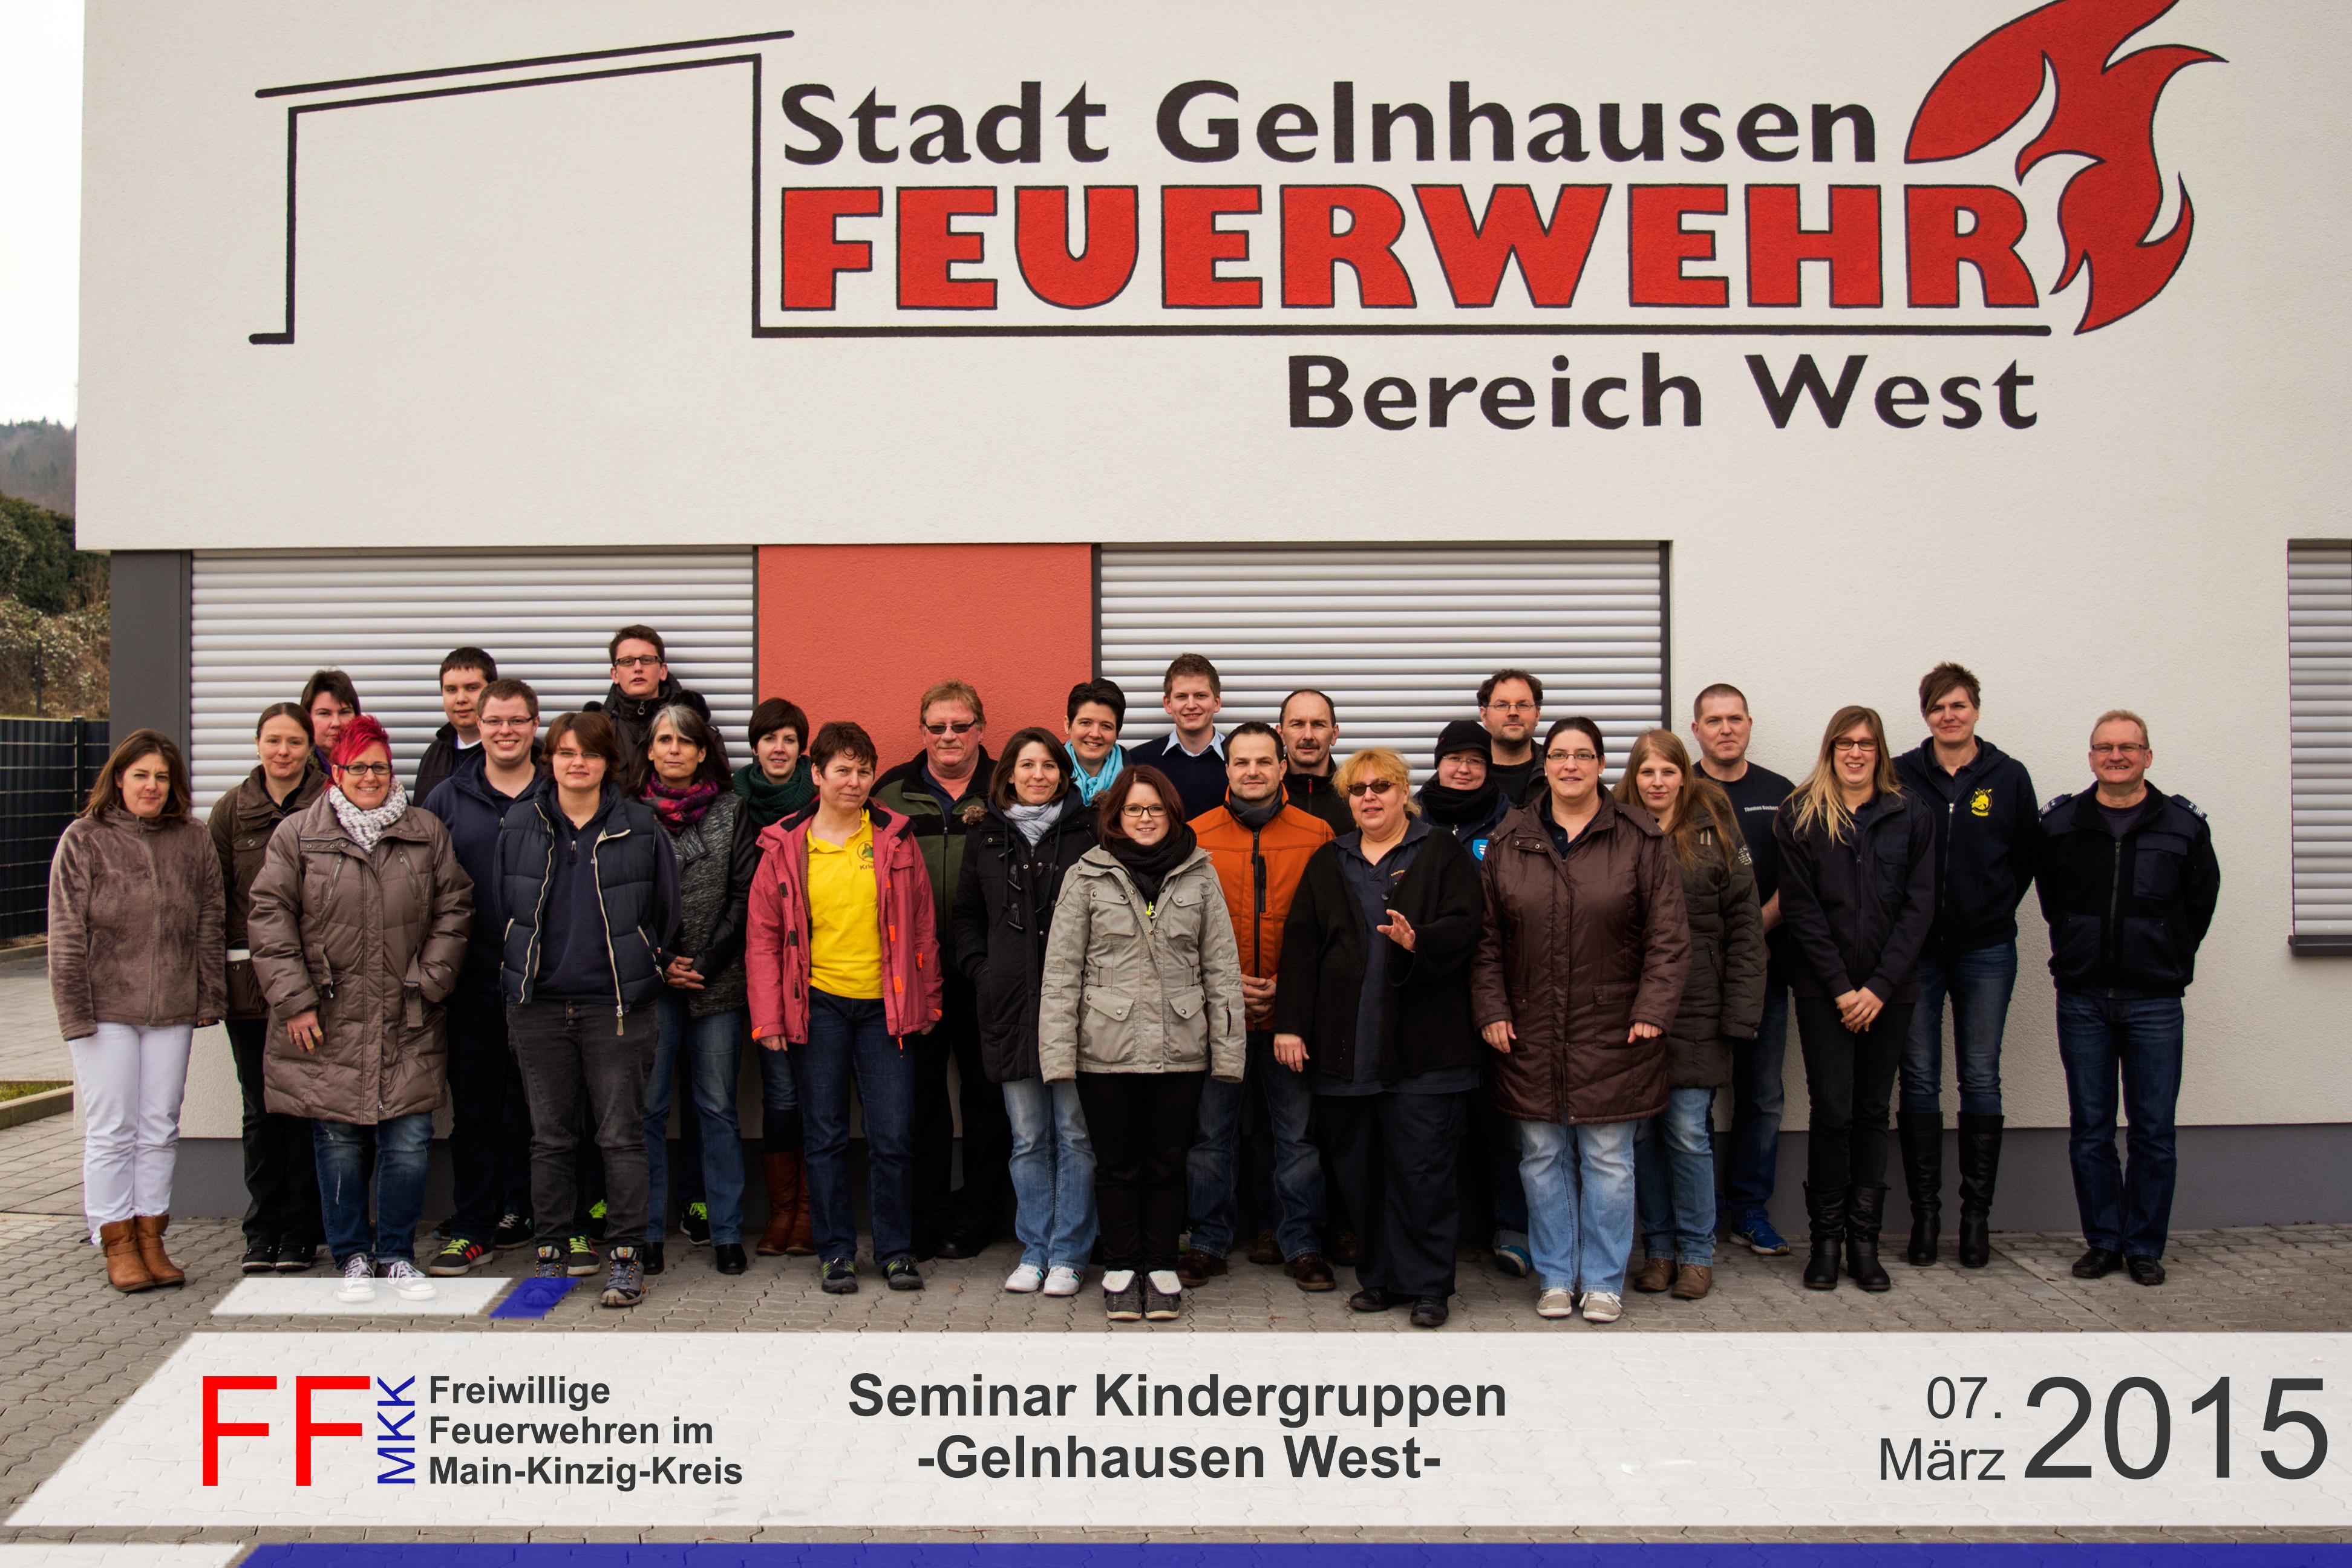 2015-03-07_SeminarKindergruppen_GelnhausenWest